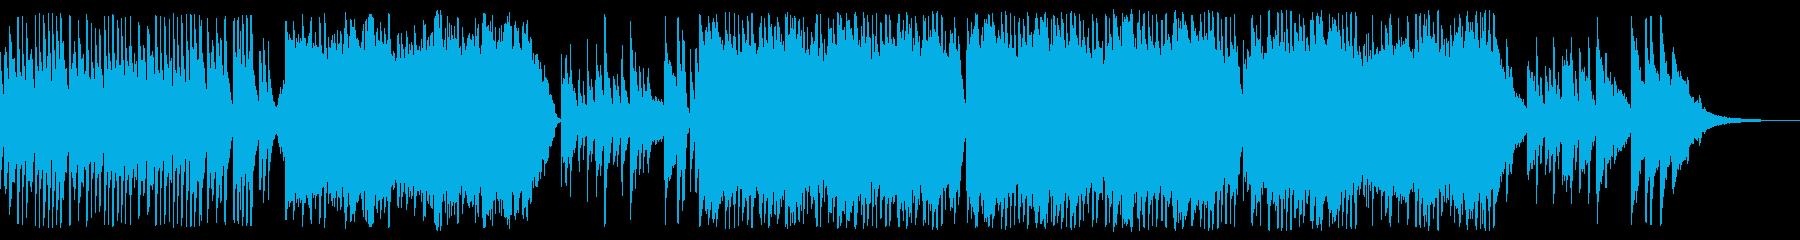 感動的な琴とストリングスの和風バラードaの再生済みの波形